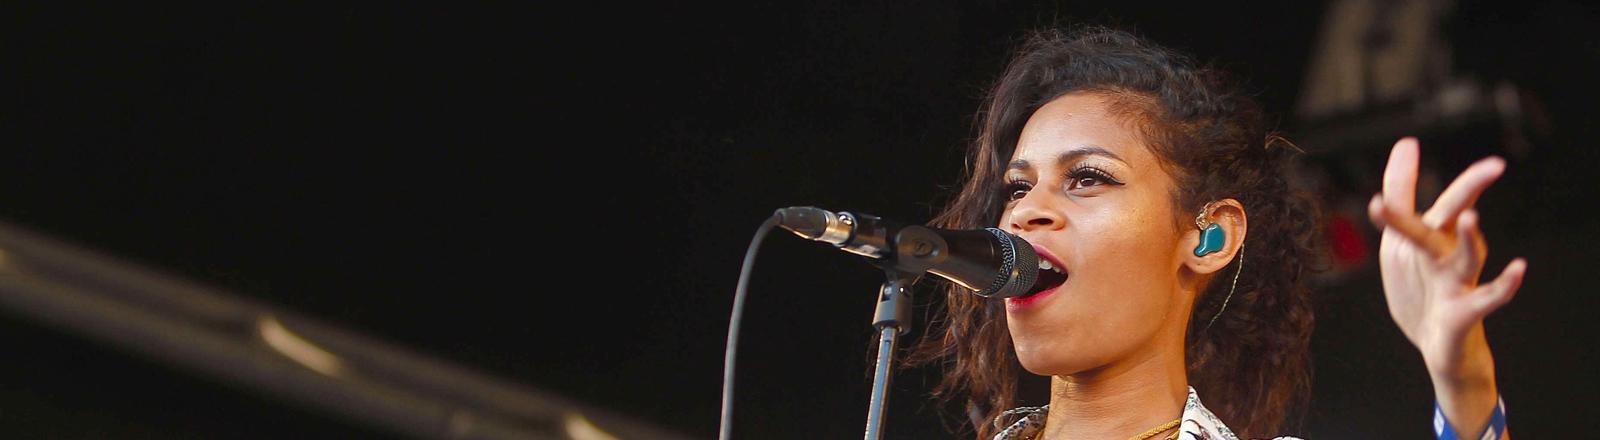 Aluna George während eines Auftritts beim Sonar Festival in Barcelona 2013